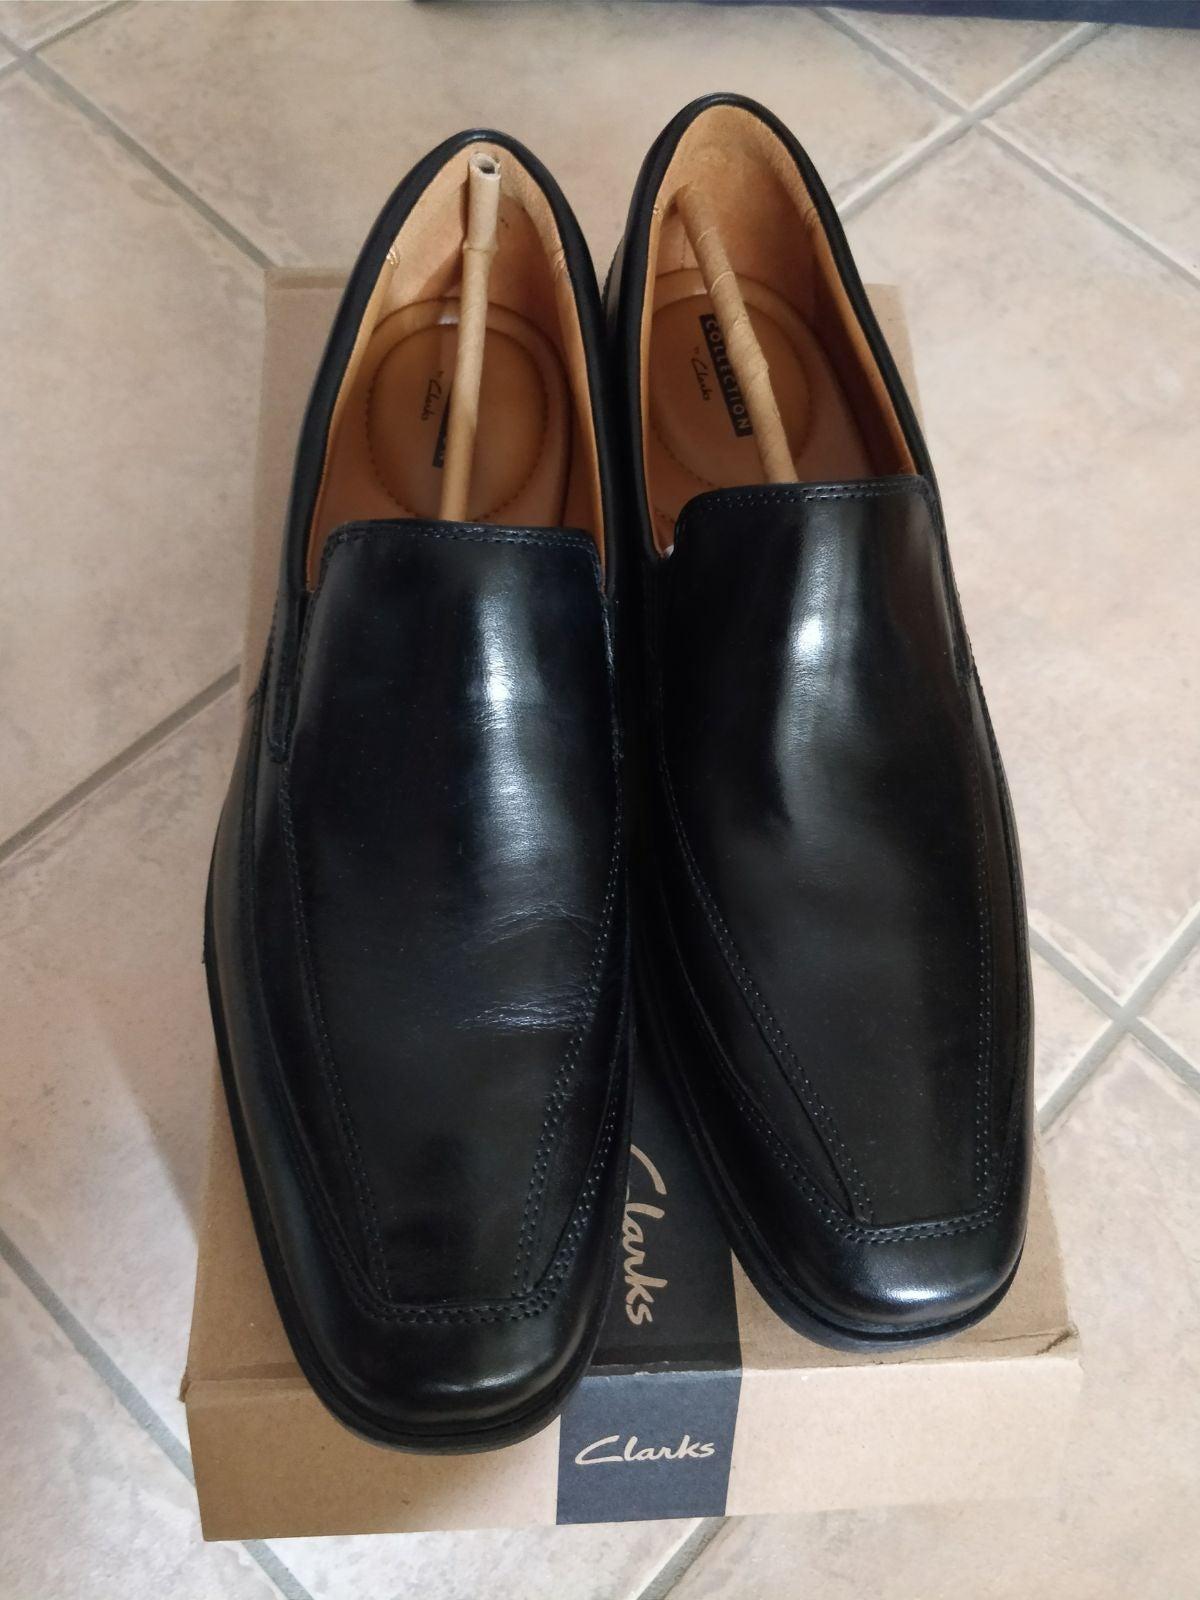 New clarks men's dress shoes